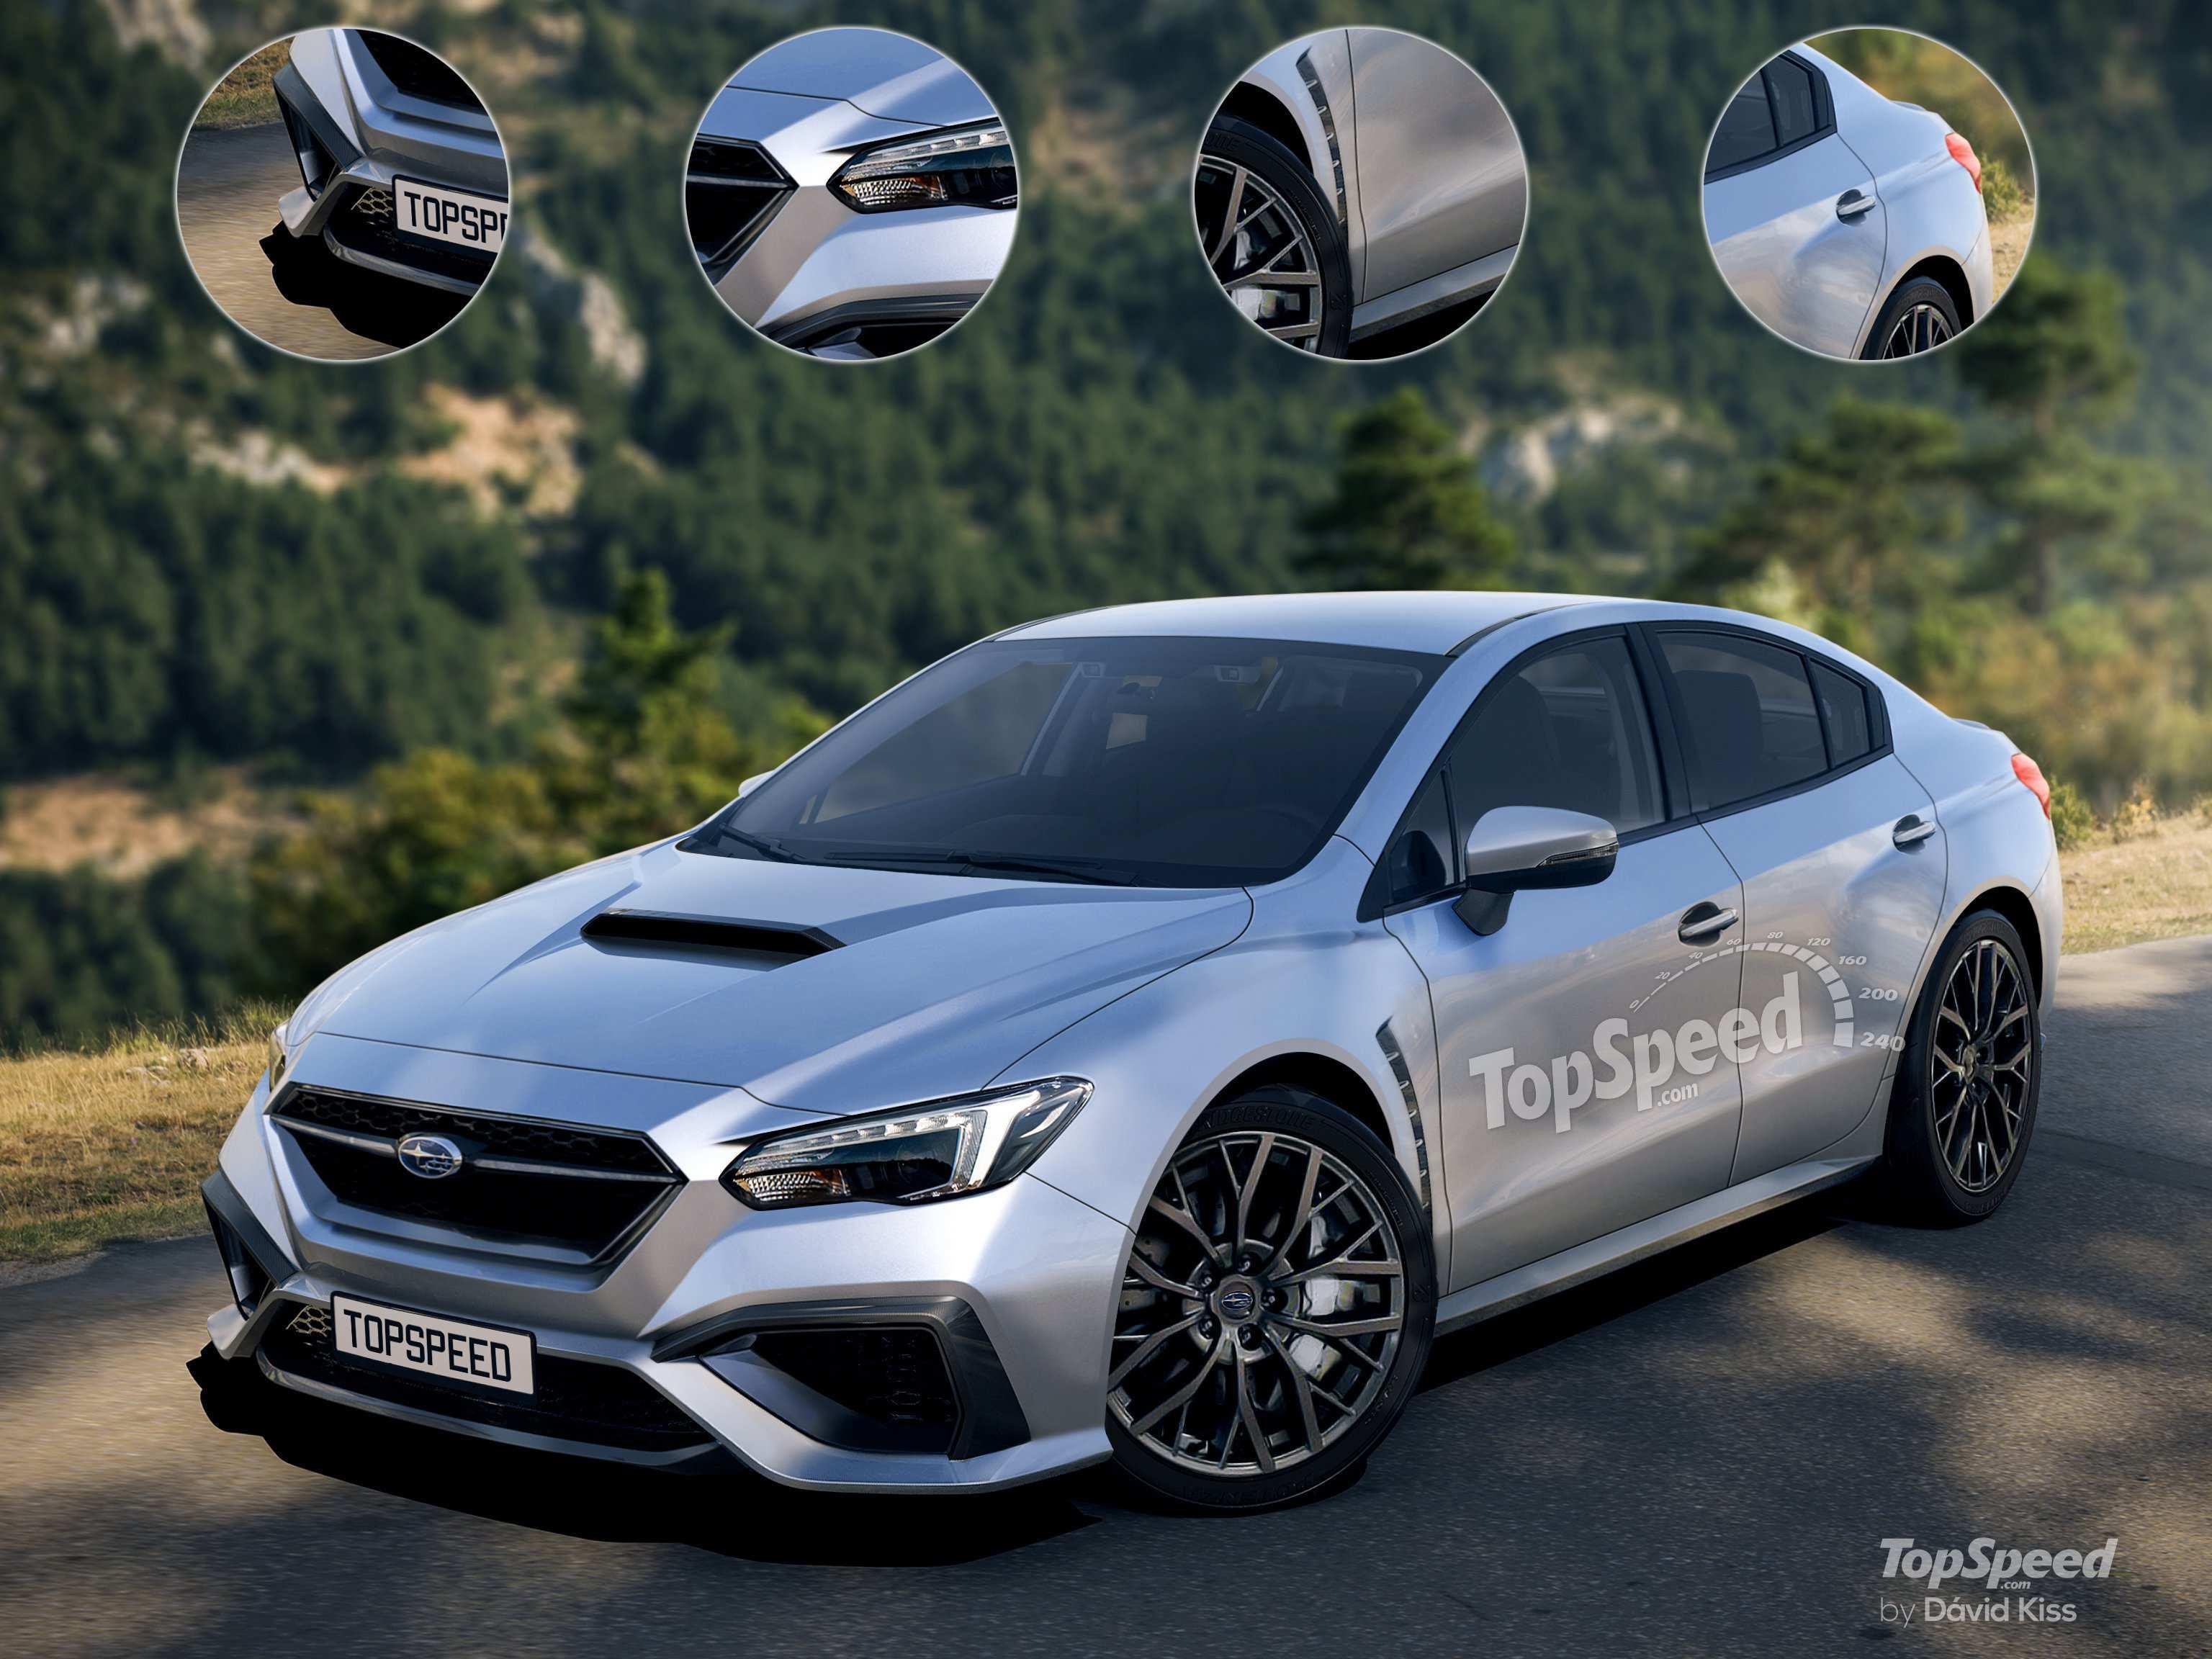 56 Gallery of Subaru Sti 2020 New Review for Subaru Sti 2020